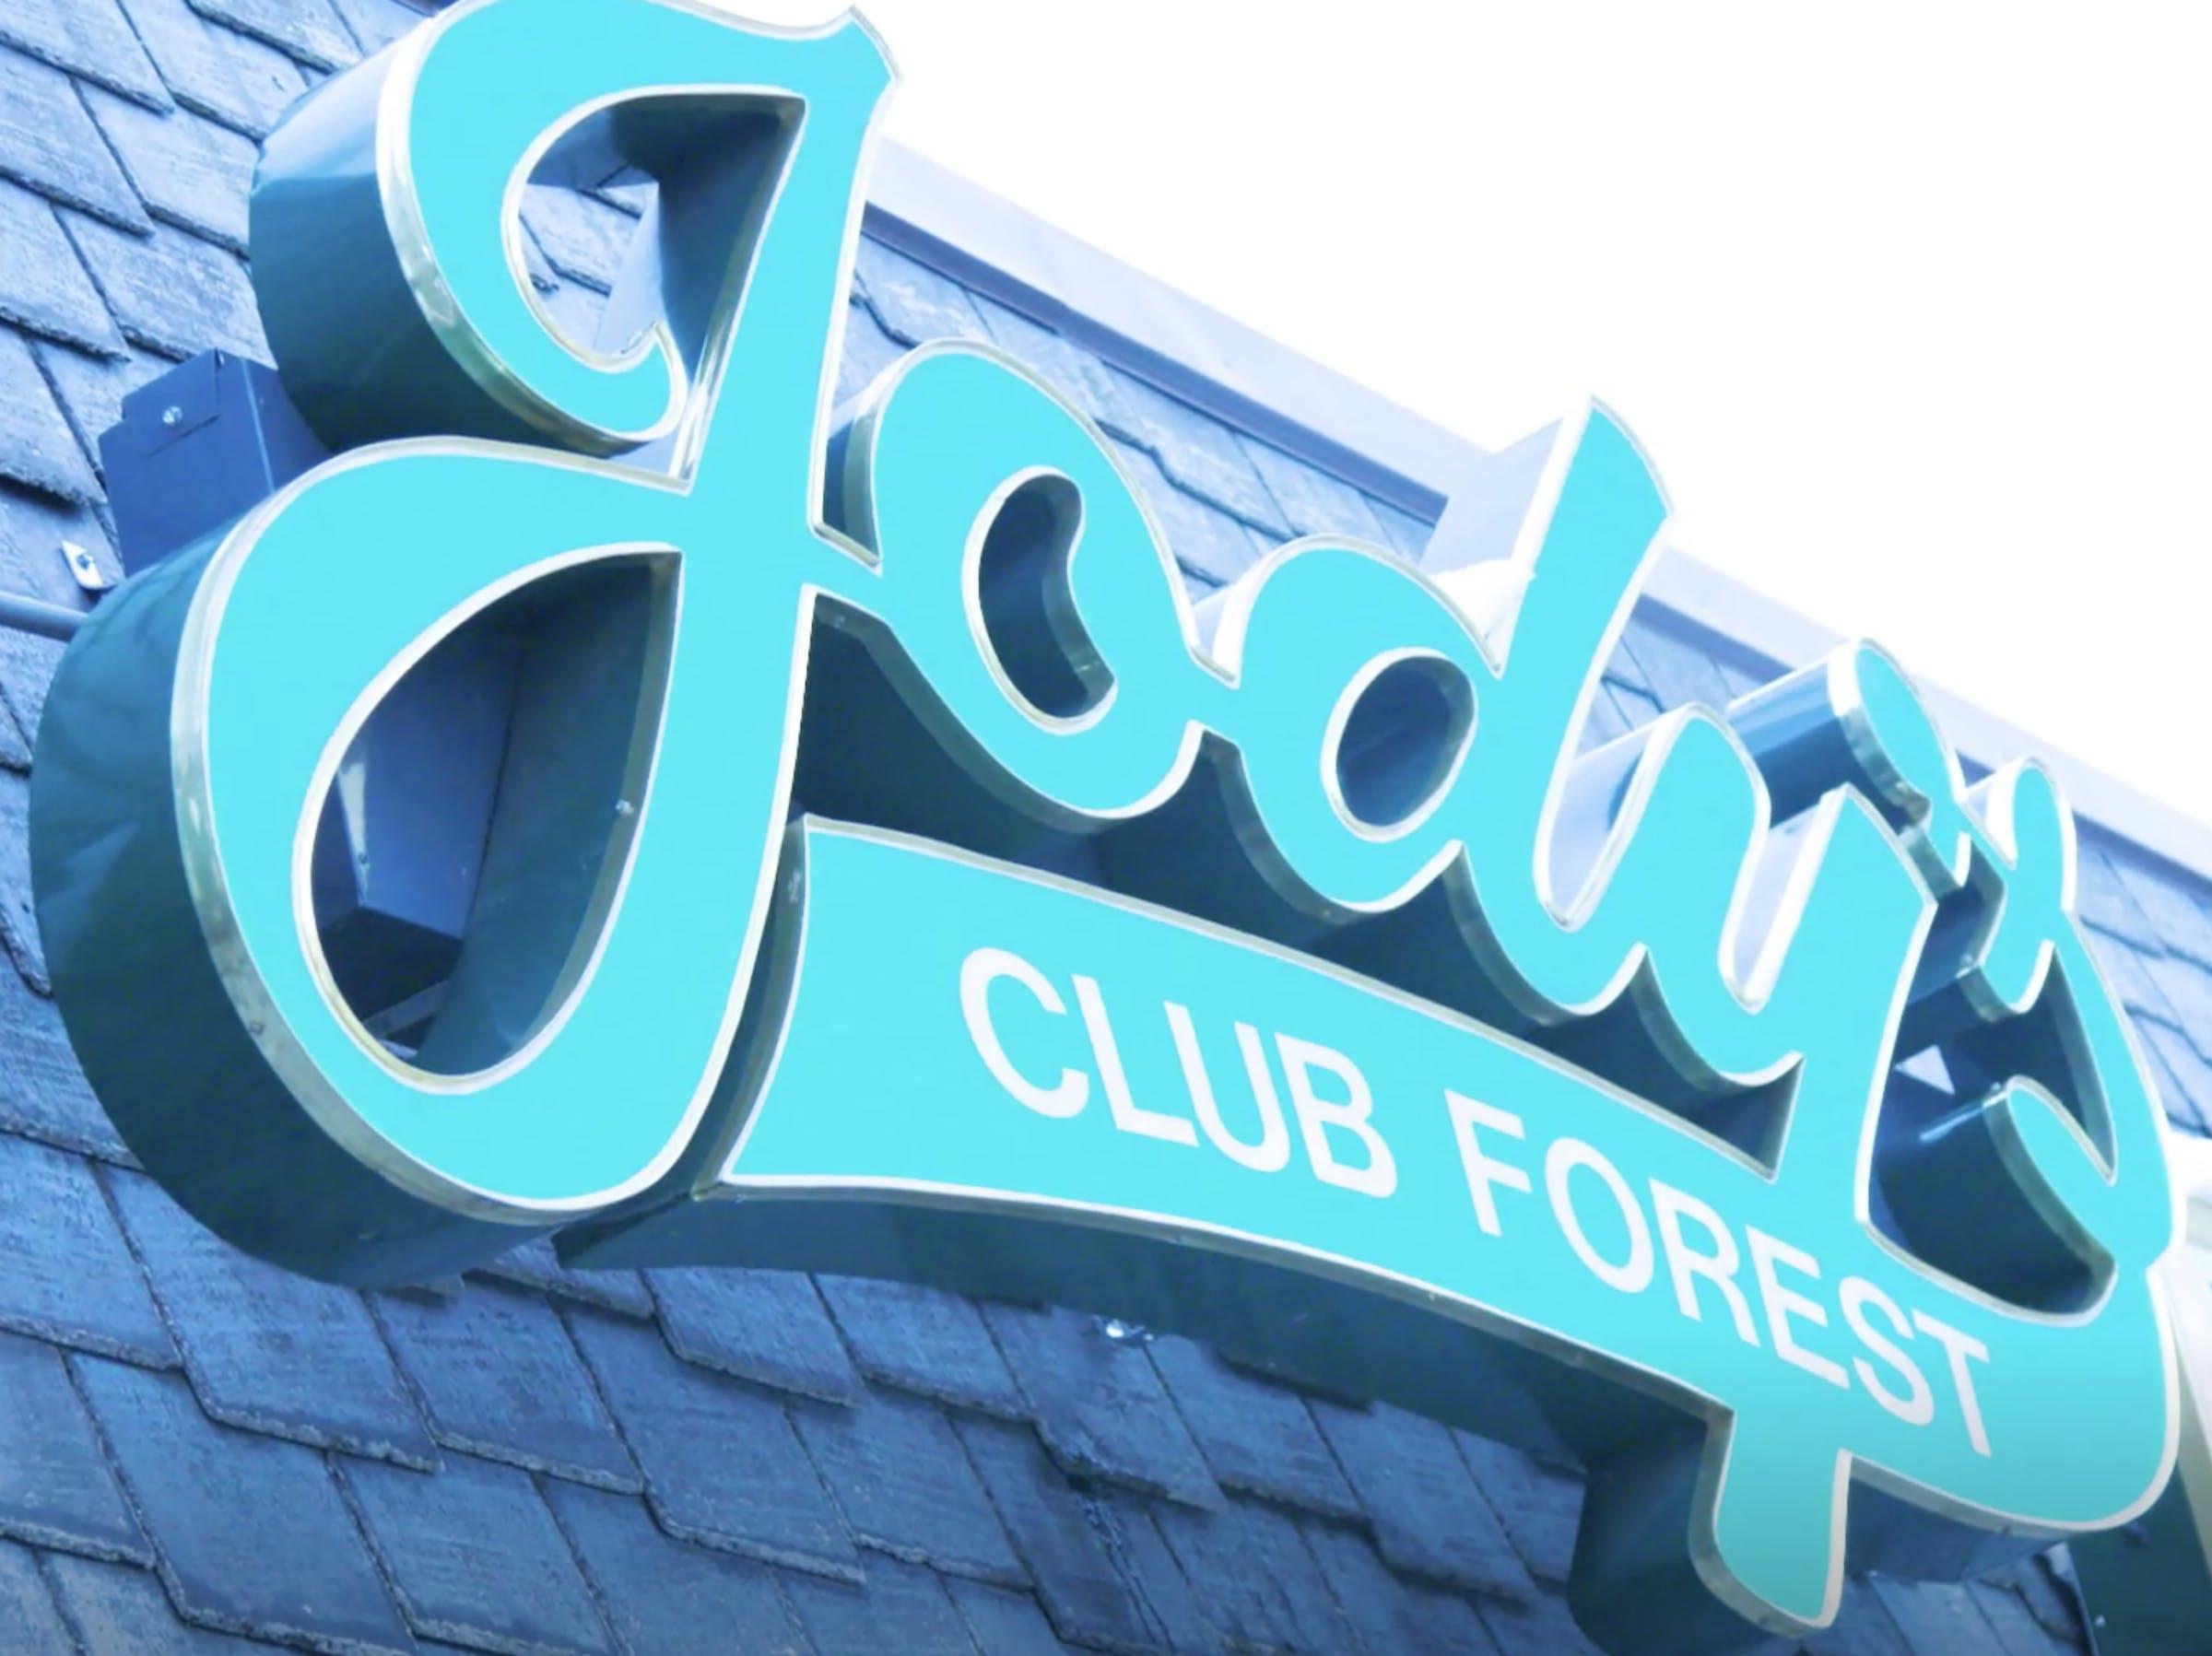 Jody's Club Forest